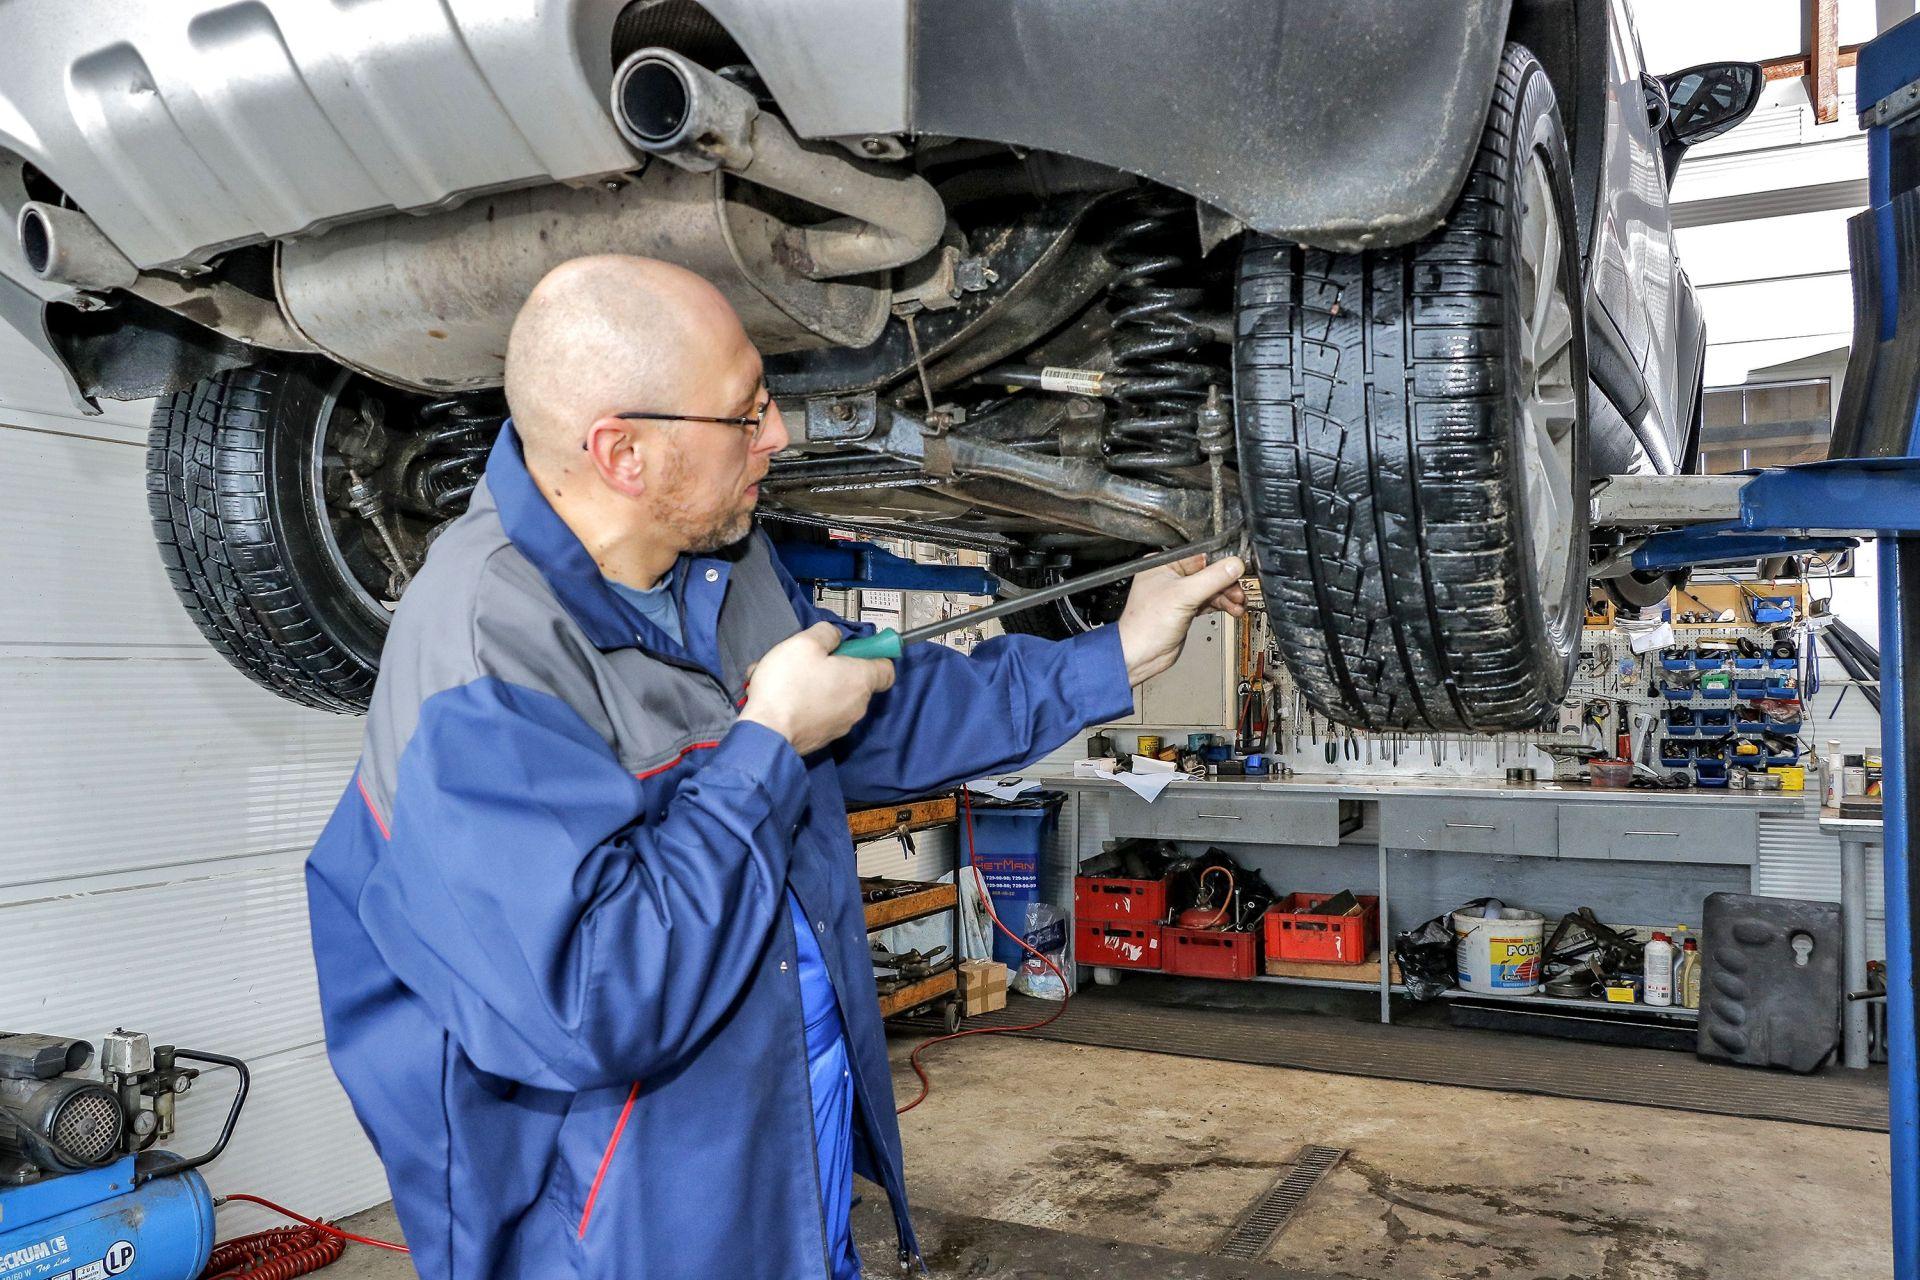 Przygotowanie samochodu do przeglądu - badanie techniczne (2)